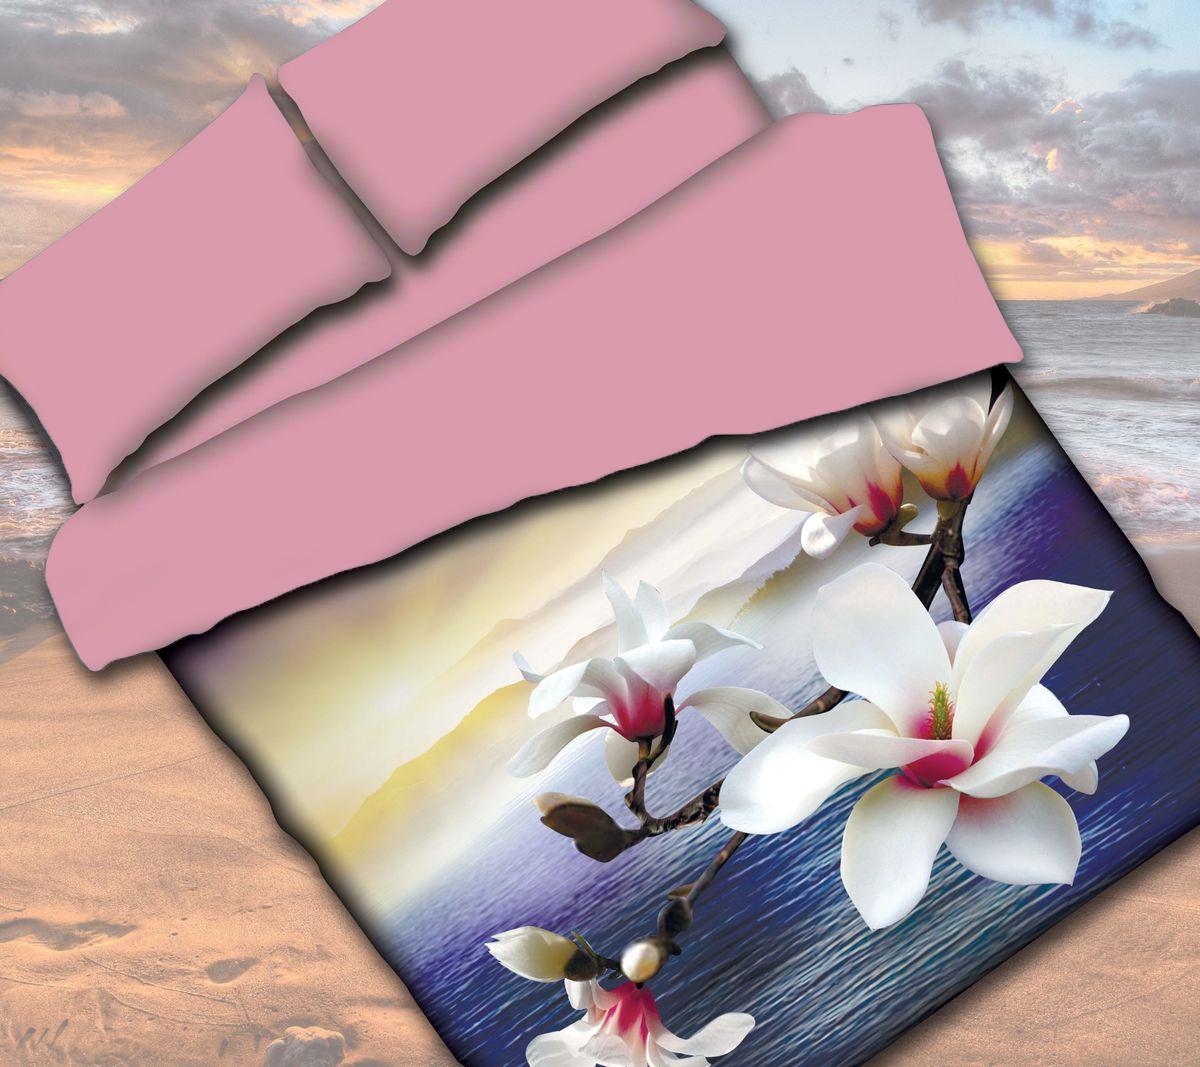 Комплект белья Коллекция Орхидея, 2-спальный, наволочки 50x70 смПРКЛ2,5/70/ОЗ/крКомплект постельного белья включает в себя четыре предмета: простыню, пододеяльник и две наволочки, выполненные из сатина.Сатин - гладкая и прочная ткань, которая своим блеском, легкостью и гладкостью похожа на шелк, но выгодно отличается от него в цене. Сатин практически не мнется, поэтому его можно не гладить. Ко всему прочему, он весьма практичен, так как хорошо переносит множественные стирки. Размер пододеяльника: 175x 210 см.Размер простыни: 220 x 224 см.Размер наволочек: 50 x 70 см.